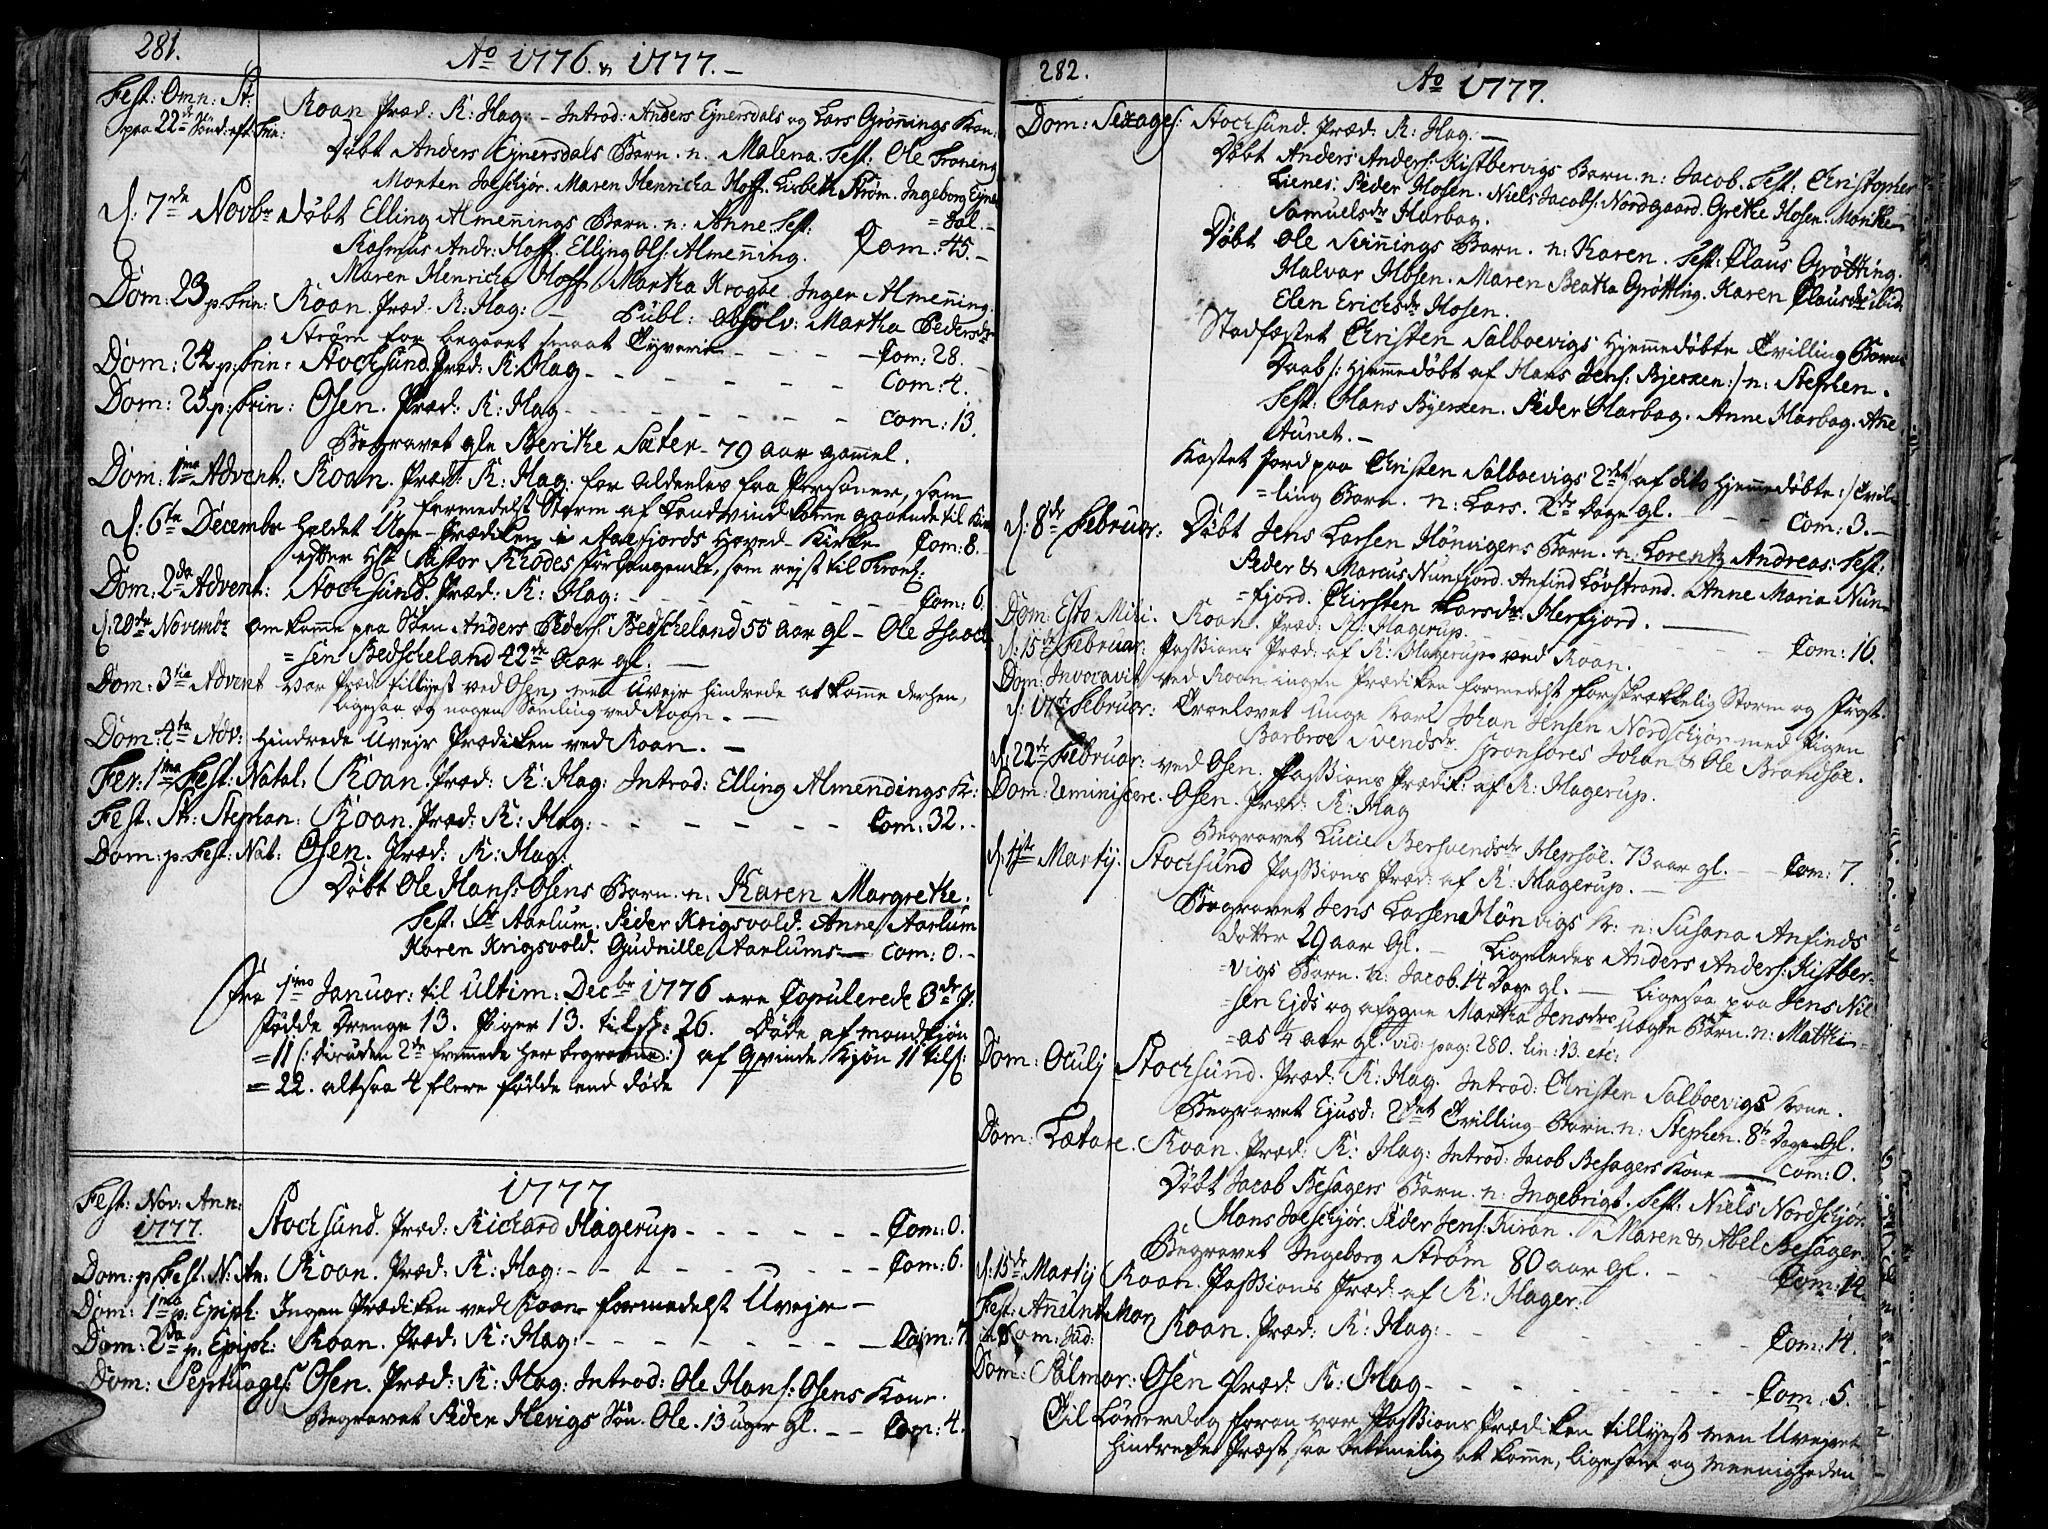 SAT, Ministerialprotokoller, klokkerbøker og fødselsregistre - Sør-Trøndelag, 657/L0700: Ministerialbok nr. 657A01, 1732-1801, s. 281-282